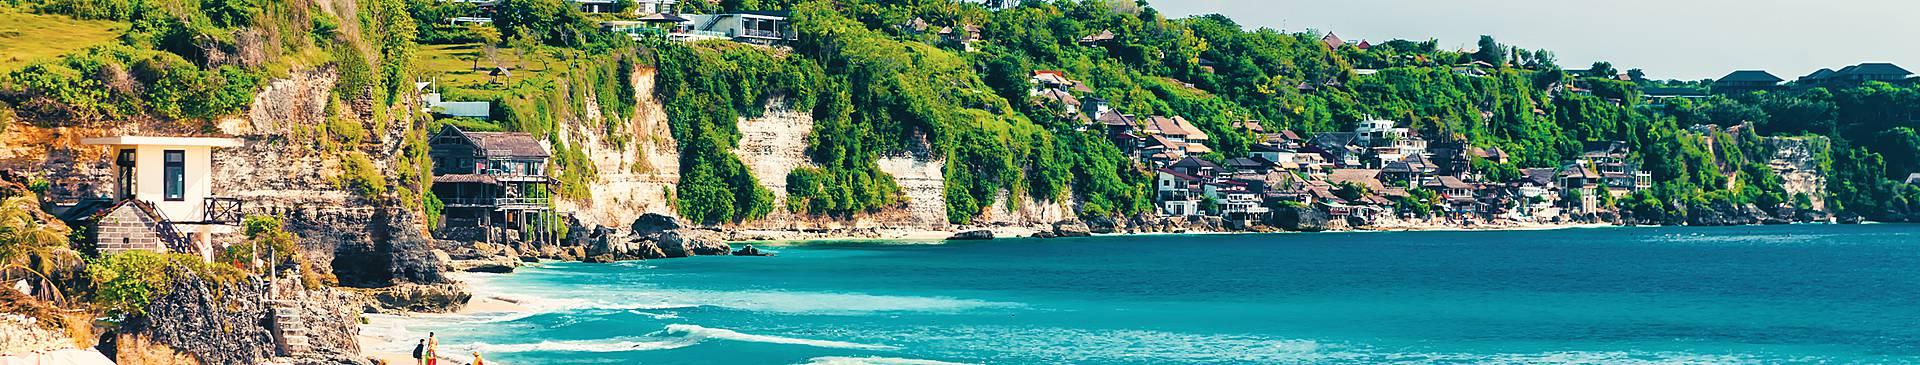 Viajes a Bali en verano